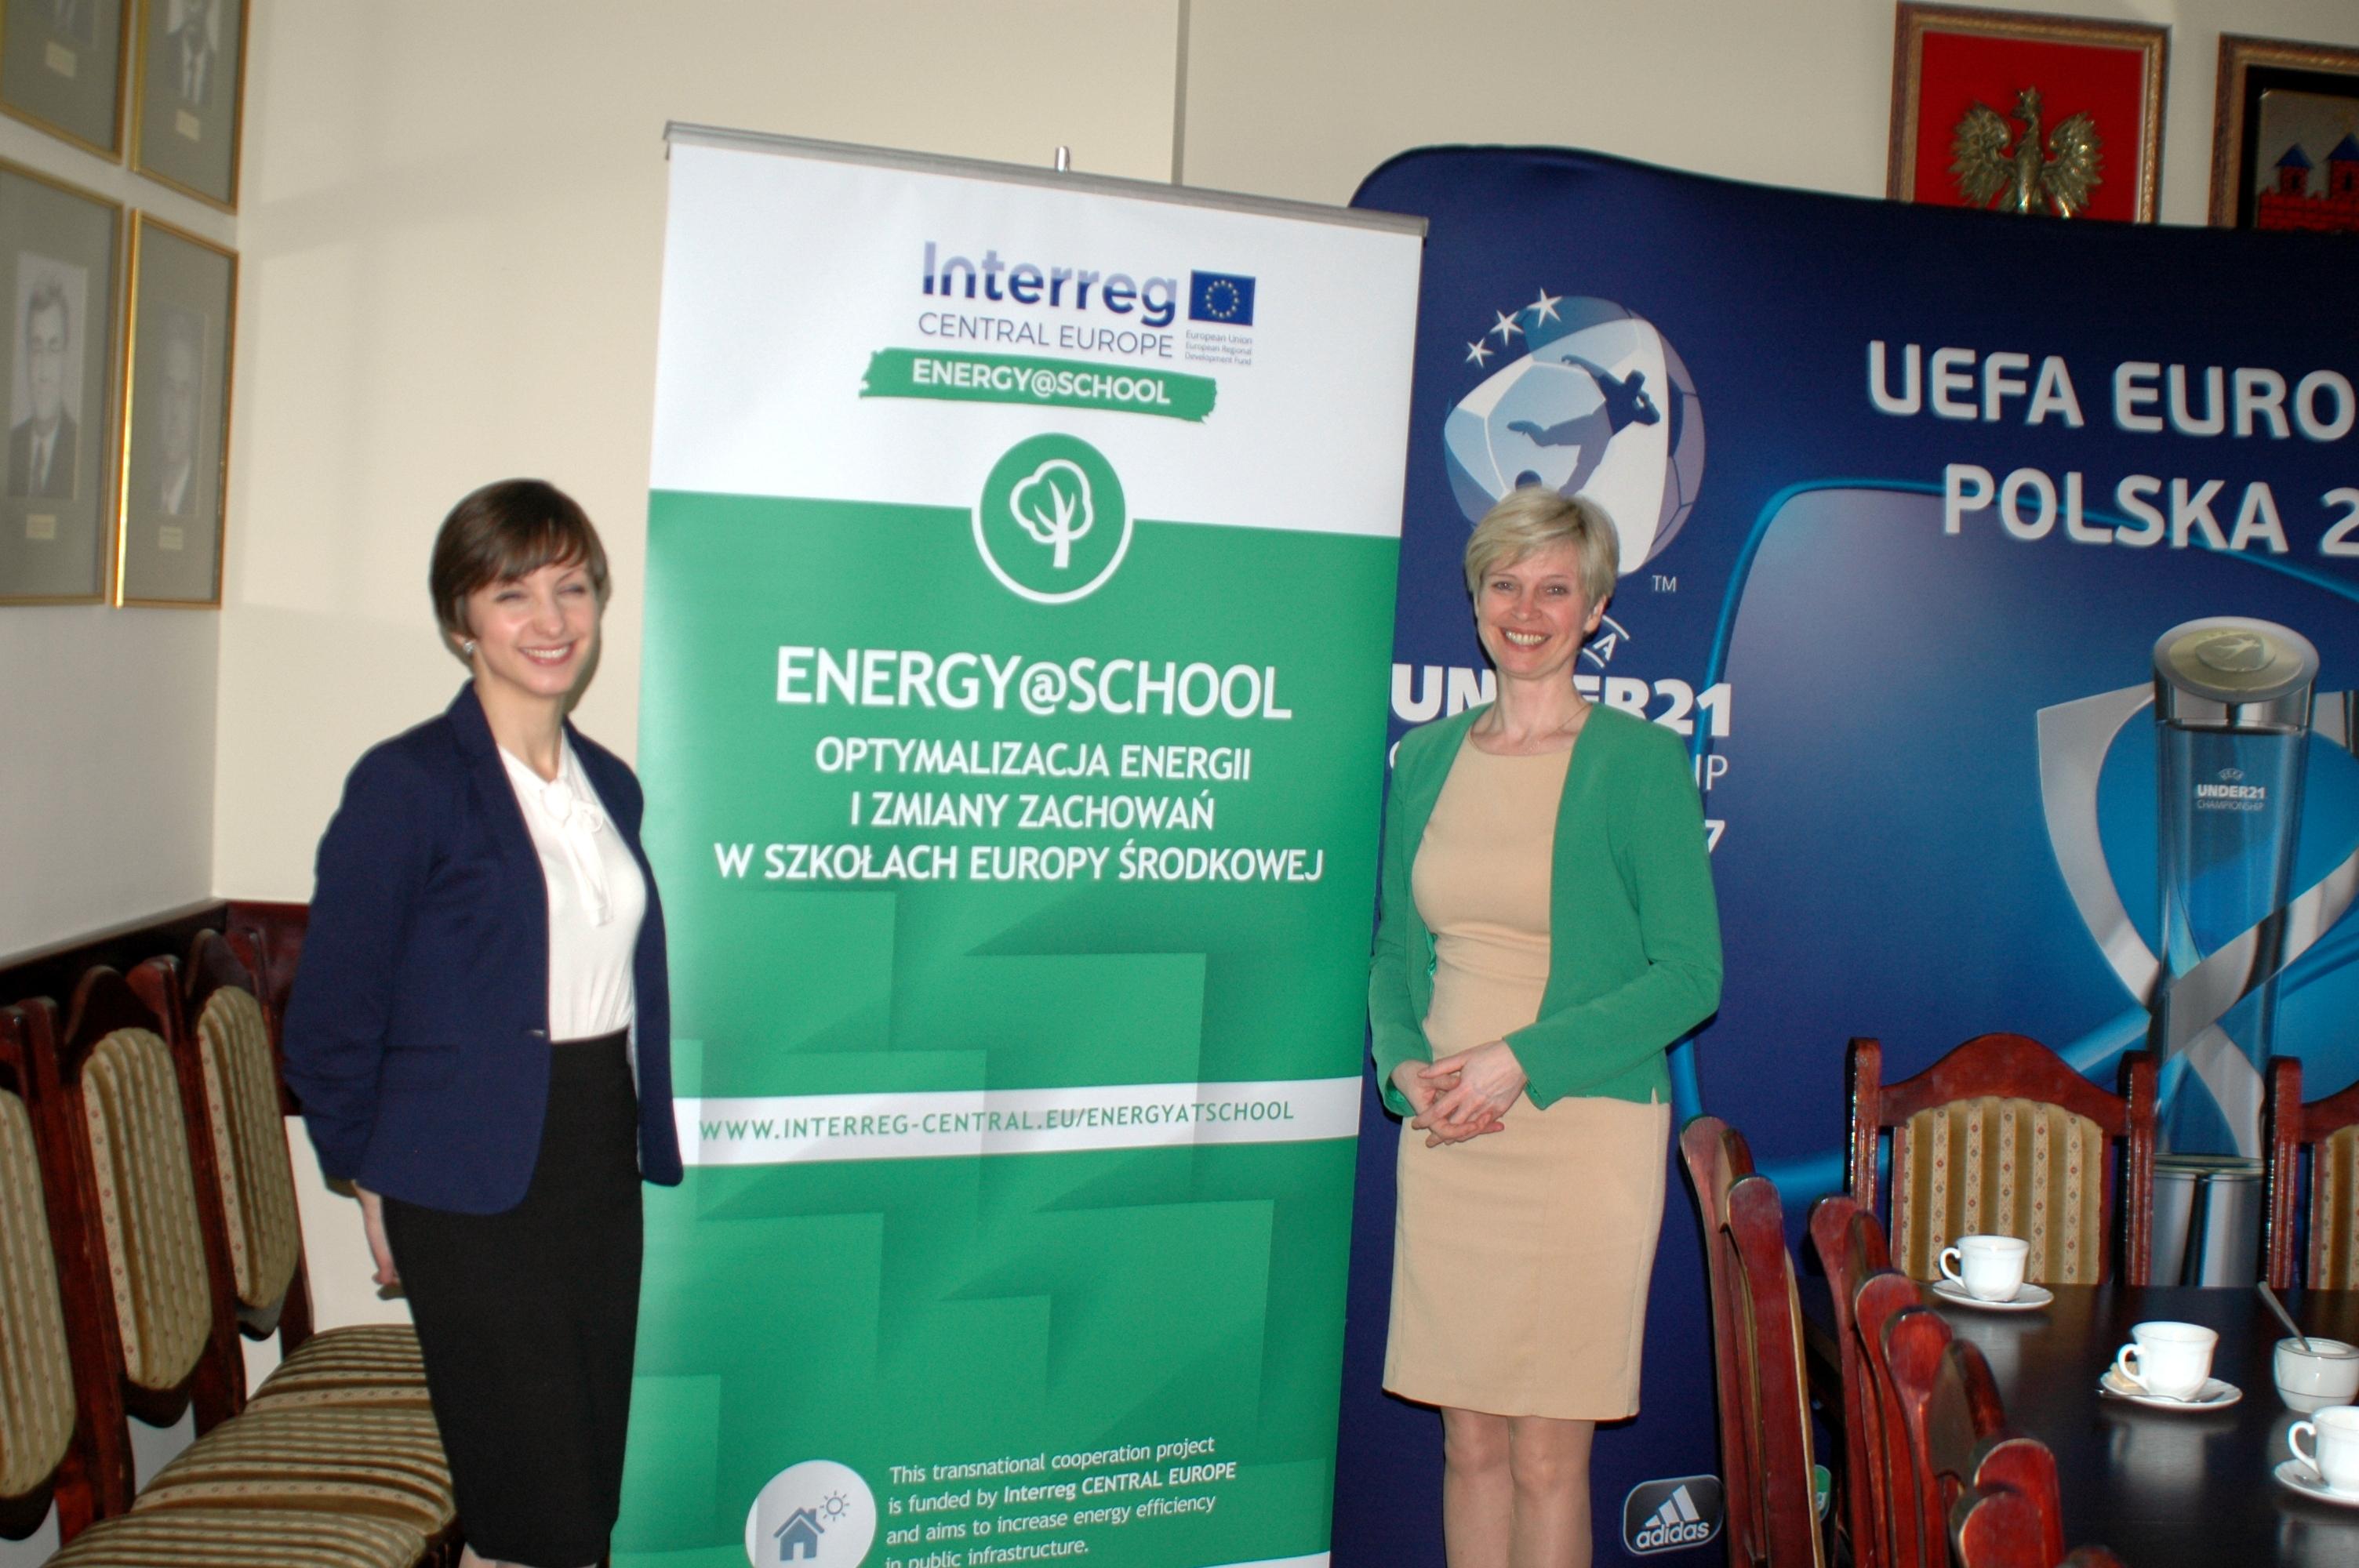 Zespół ds Zarządzania Energią energy@school (7) 24 marca